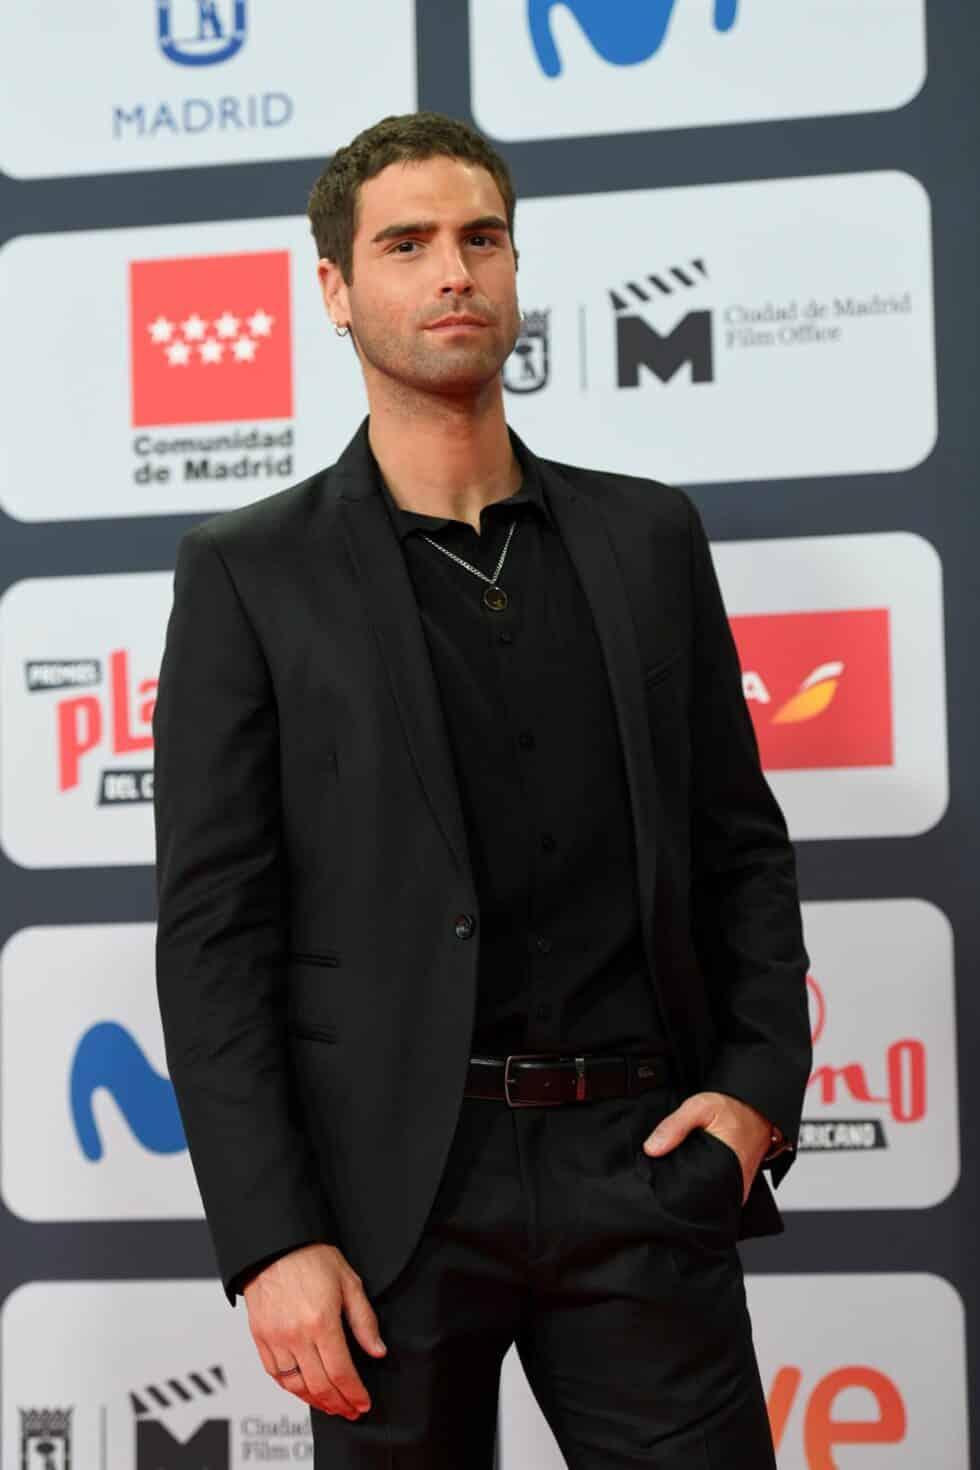 El actor uruguayo Nicolás Furtado, a su llegada a la ceremonia de entrega de los Premios Platino del Cine y el Audiovisual Iberoamericano que se celebra este domingo en Madrid